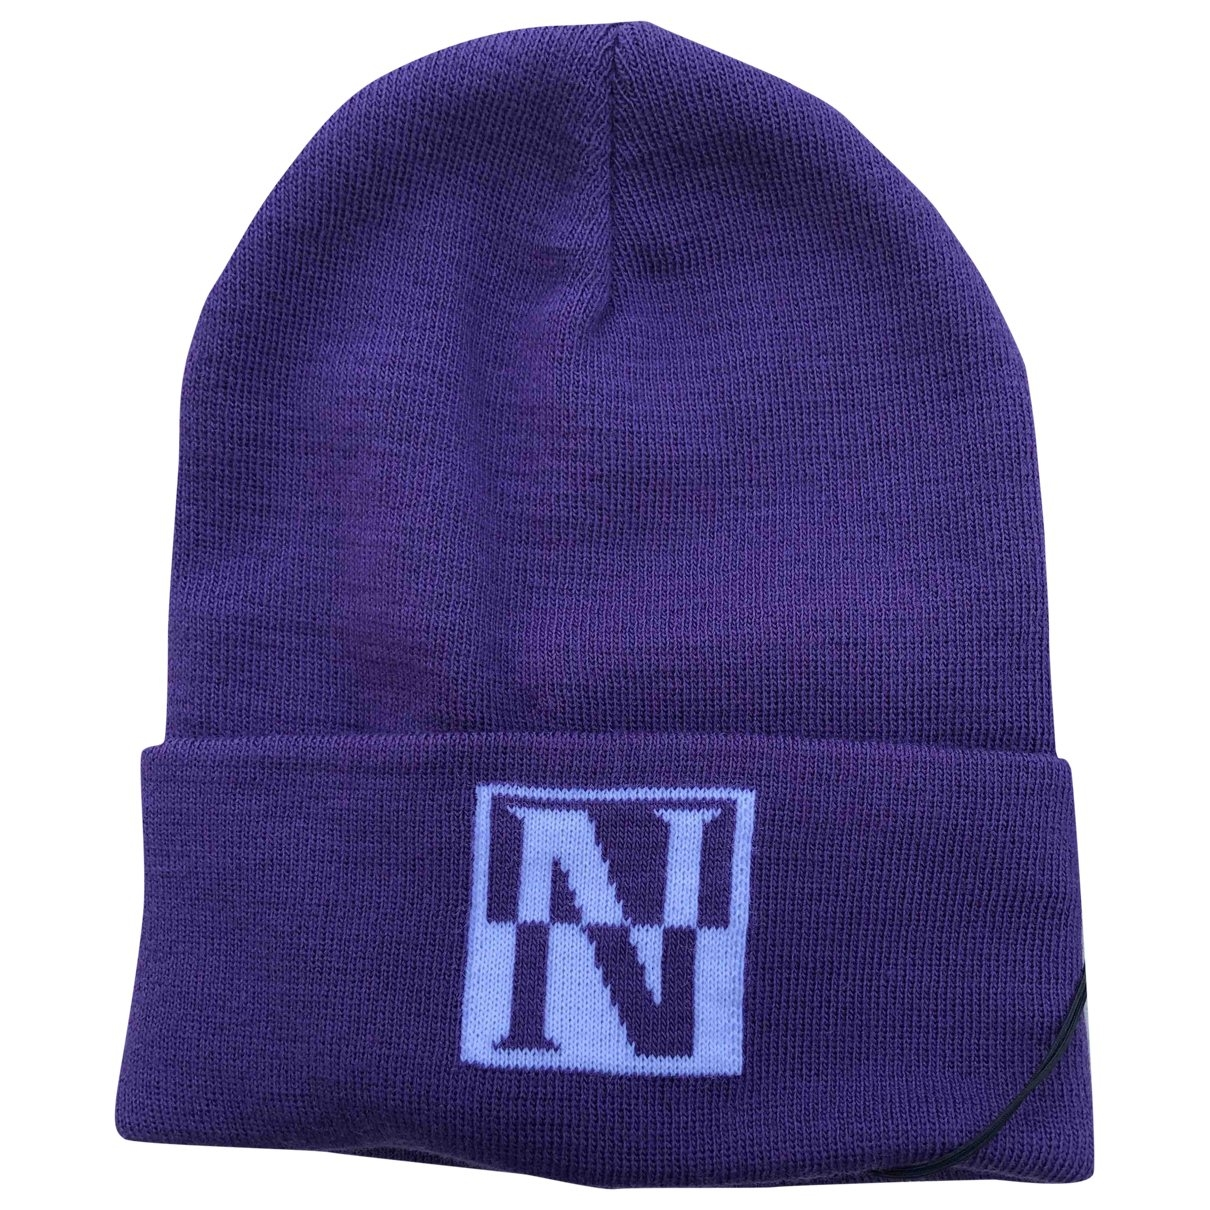 Napapijri - Chapeau & Bonnets   pour homme - violet